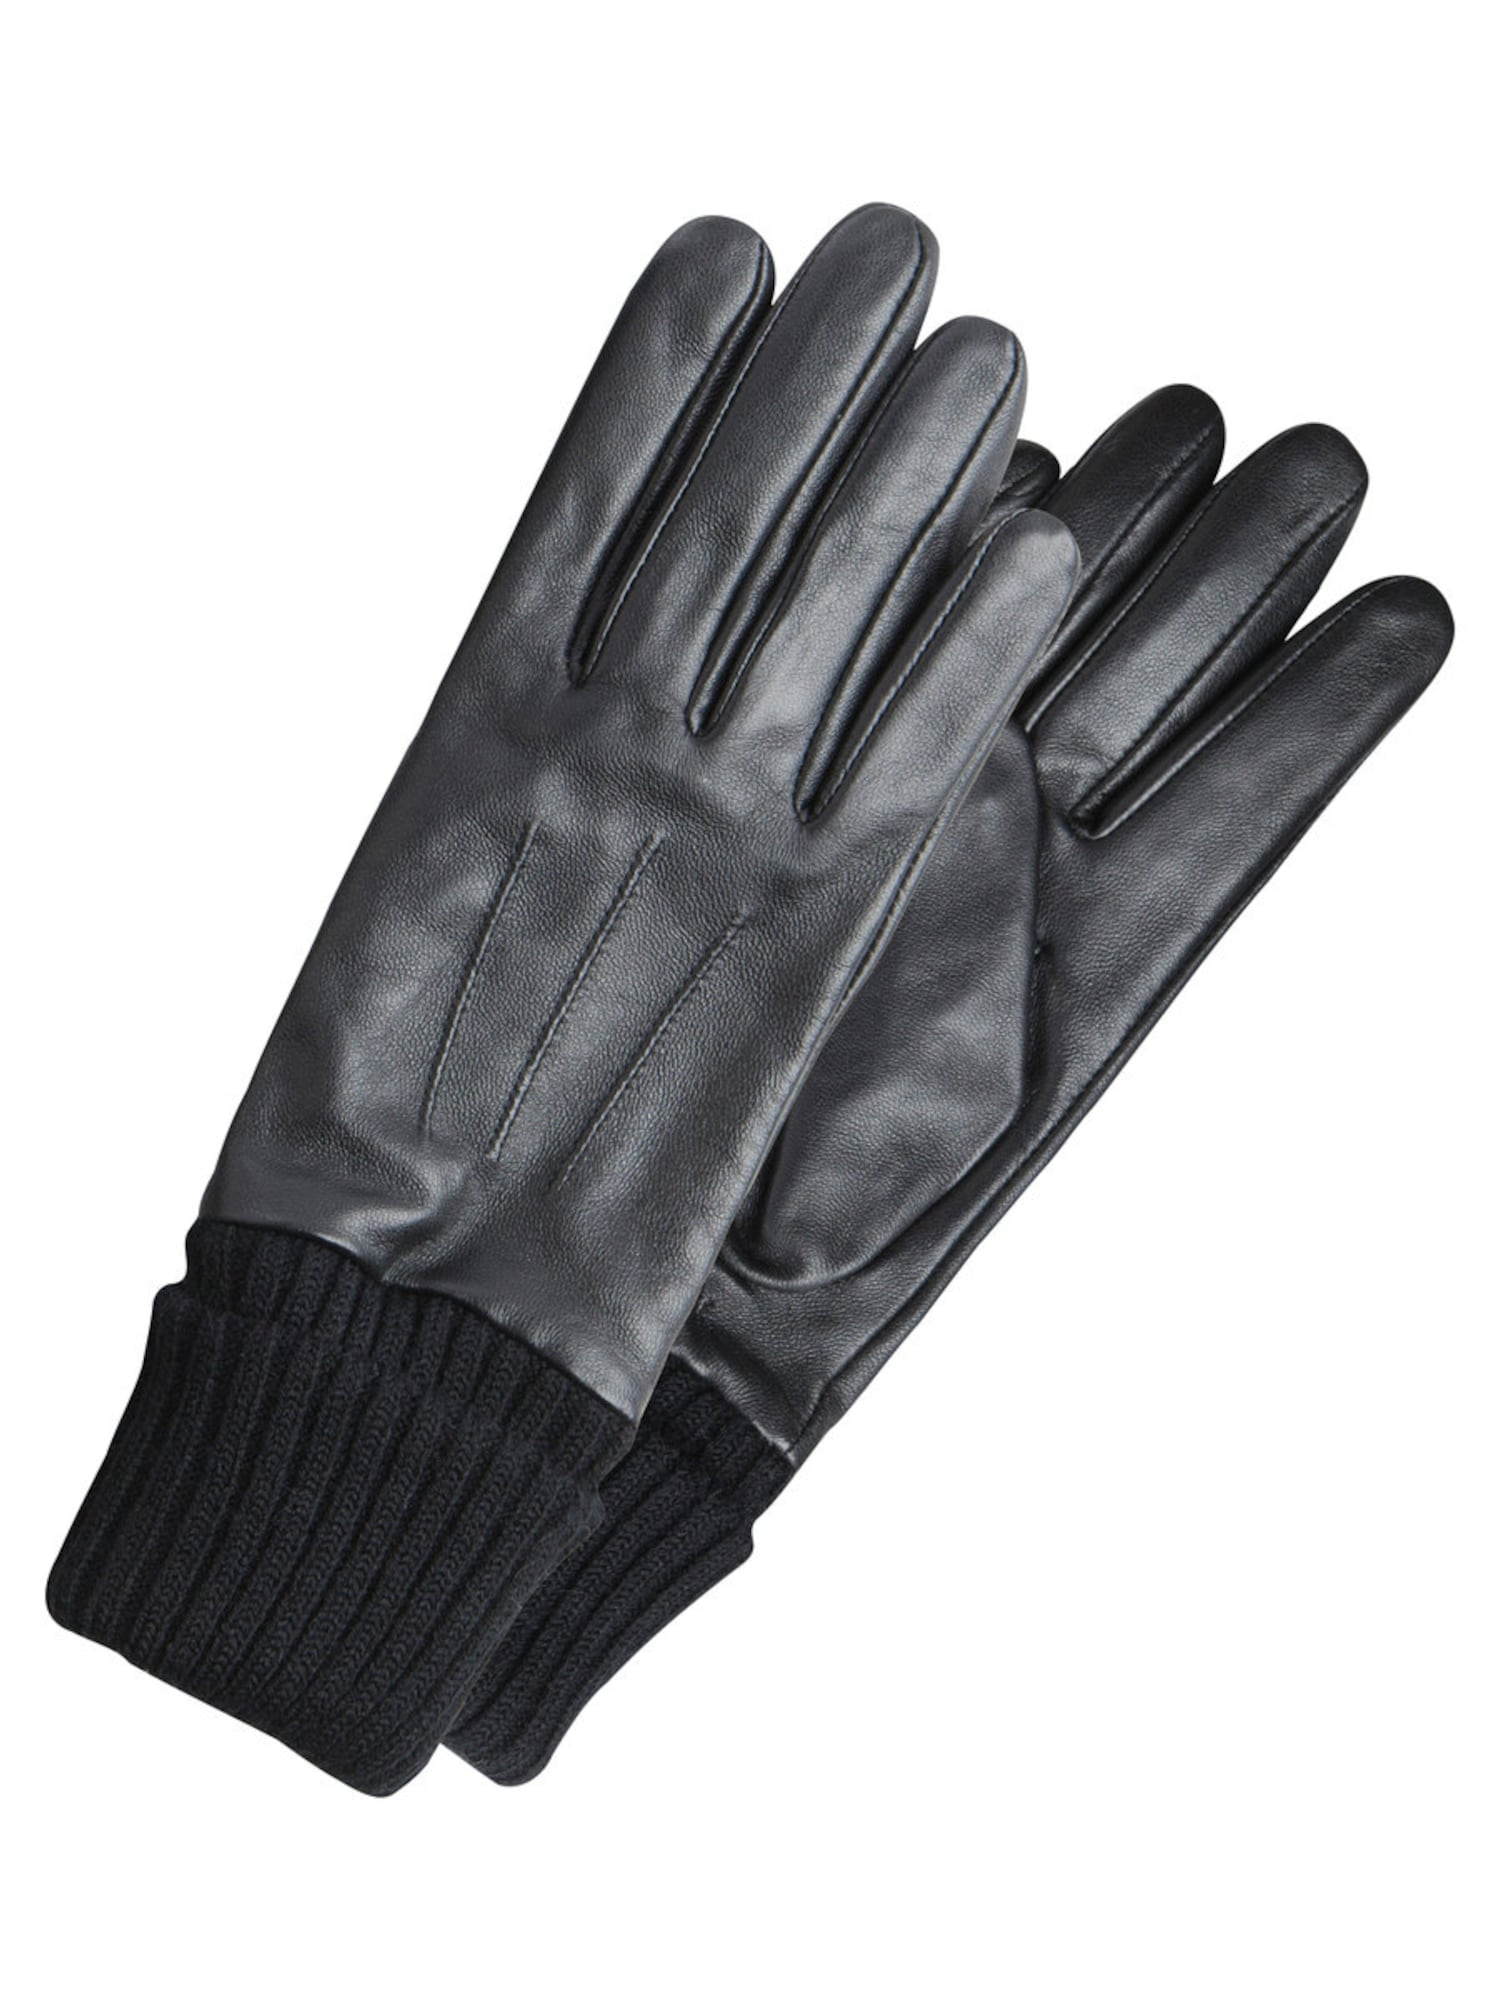 Lederhandschuhe   Accessoires > Handschuhe > Lederhandschuhe   PIECES